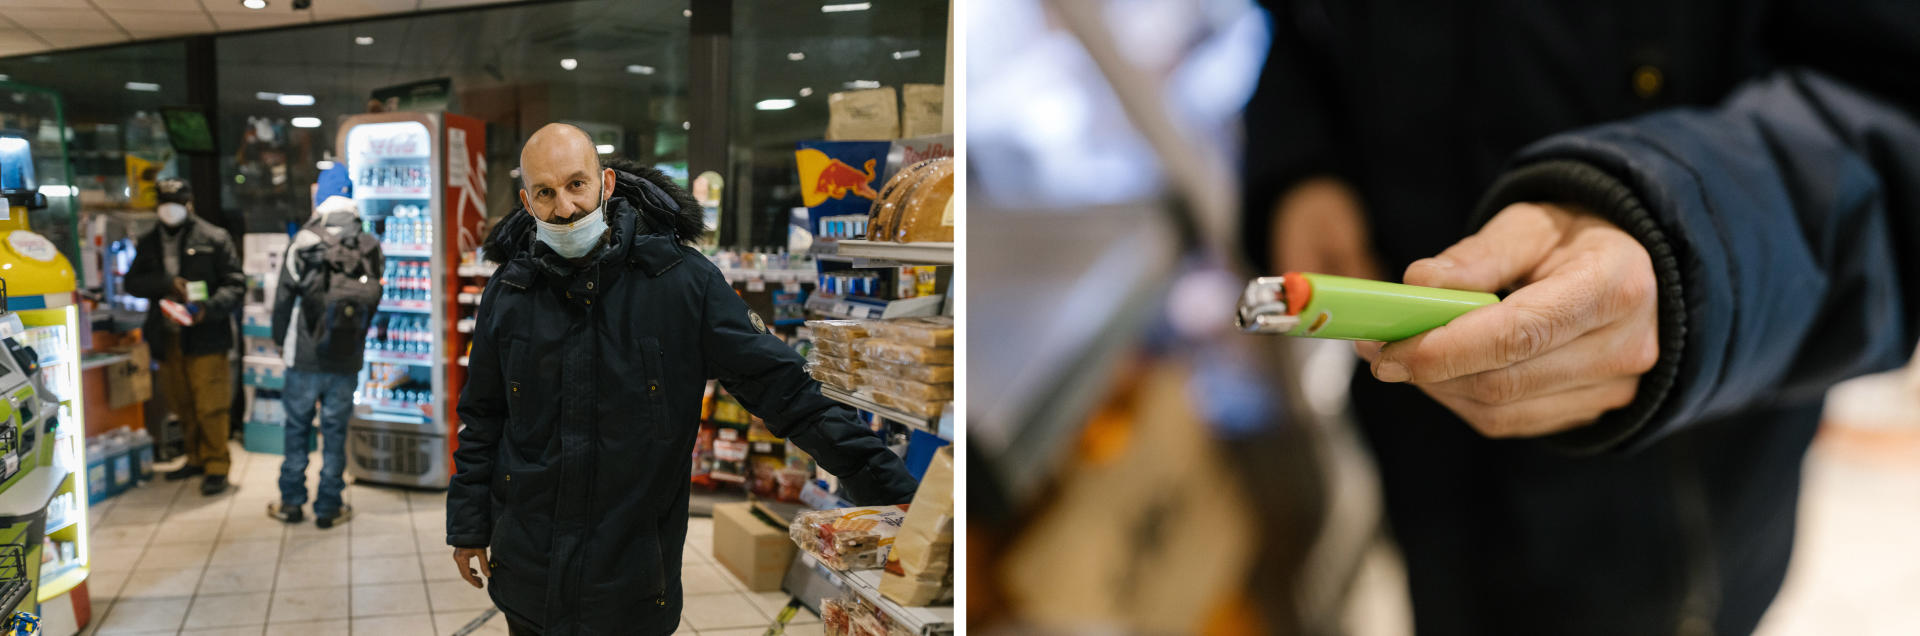 Fred vient dans la supérette de Montparnasse acheter un briquet, car il est en plein craving(envie irrésistible de consommer)de crack, le14 avril 2021.